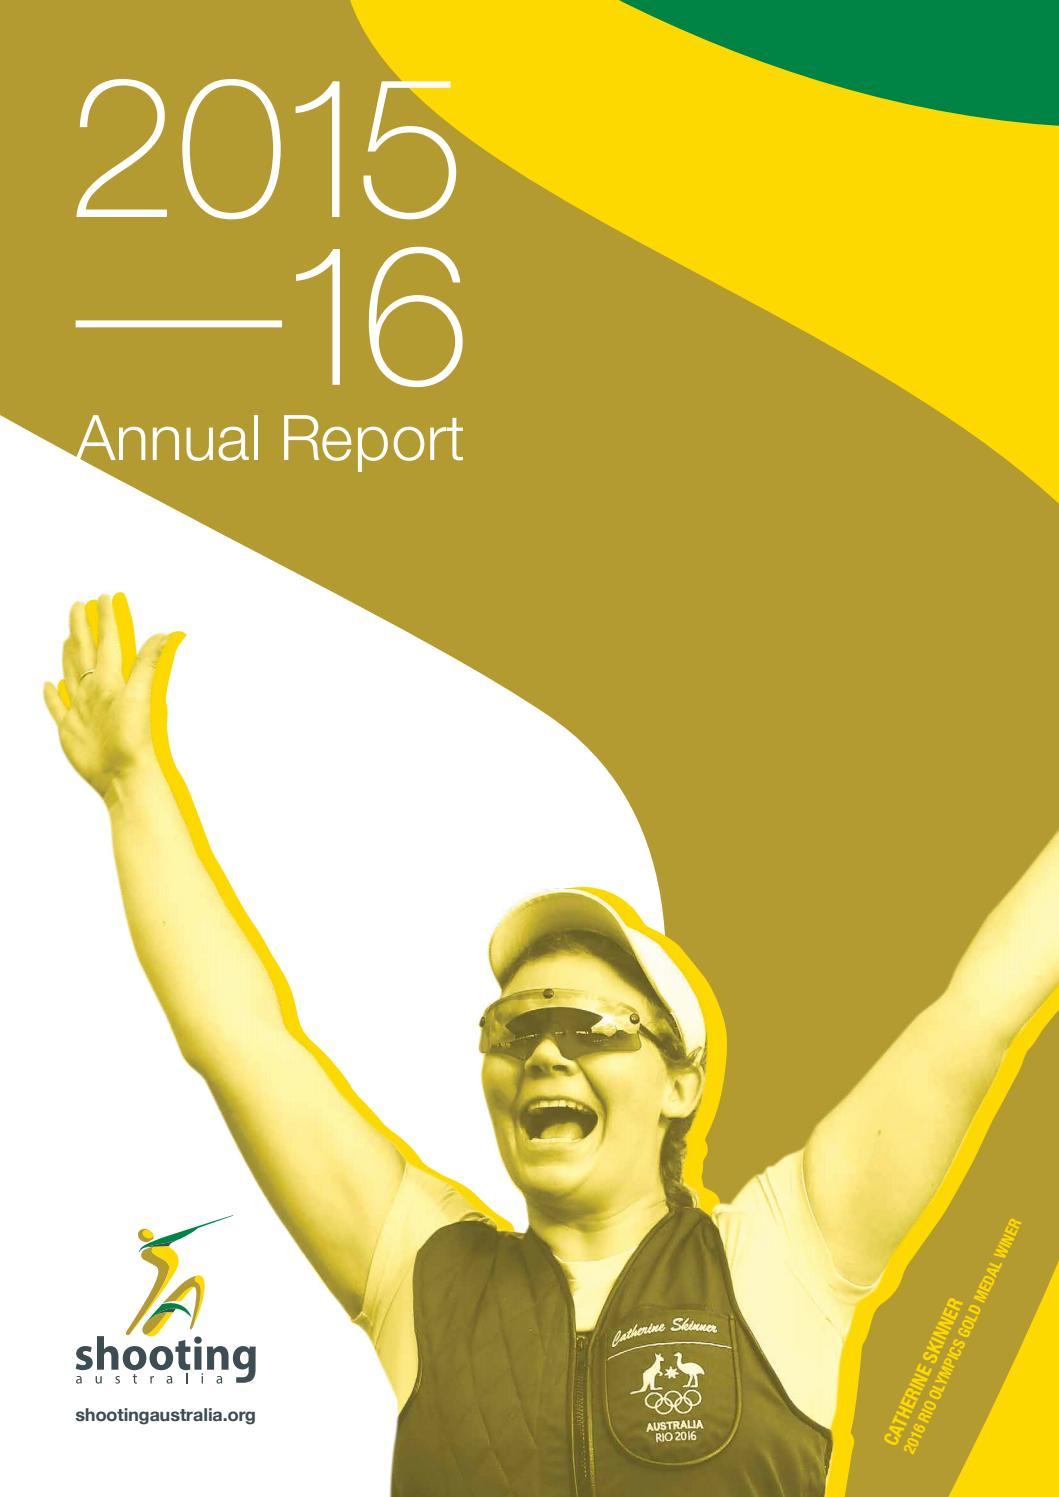 Aisl Shooting shooting australia annual report 2015 - 16shooting